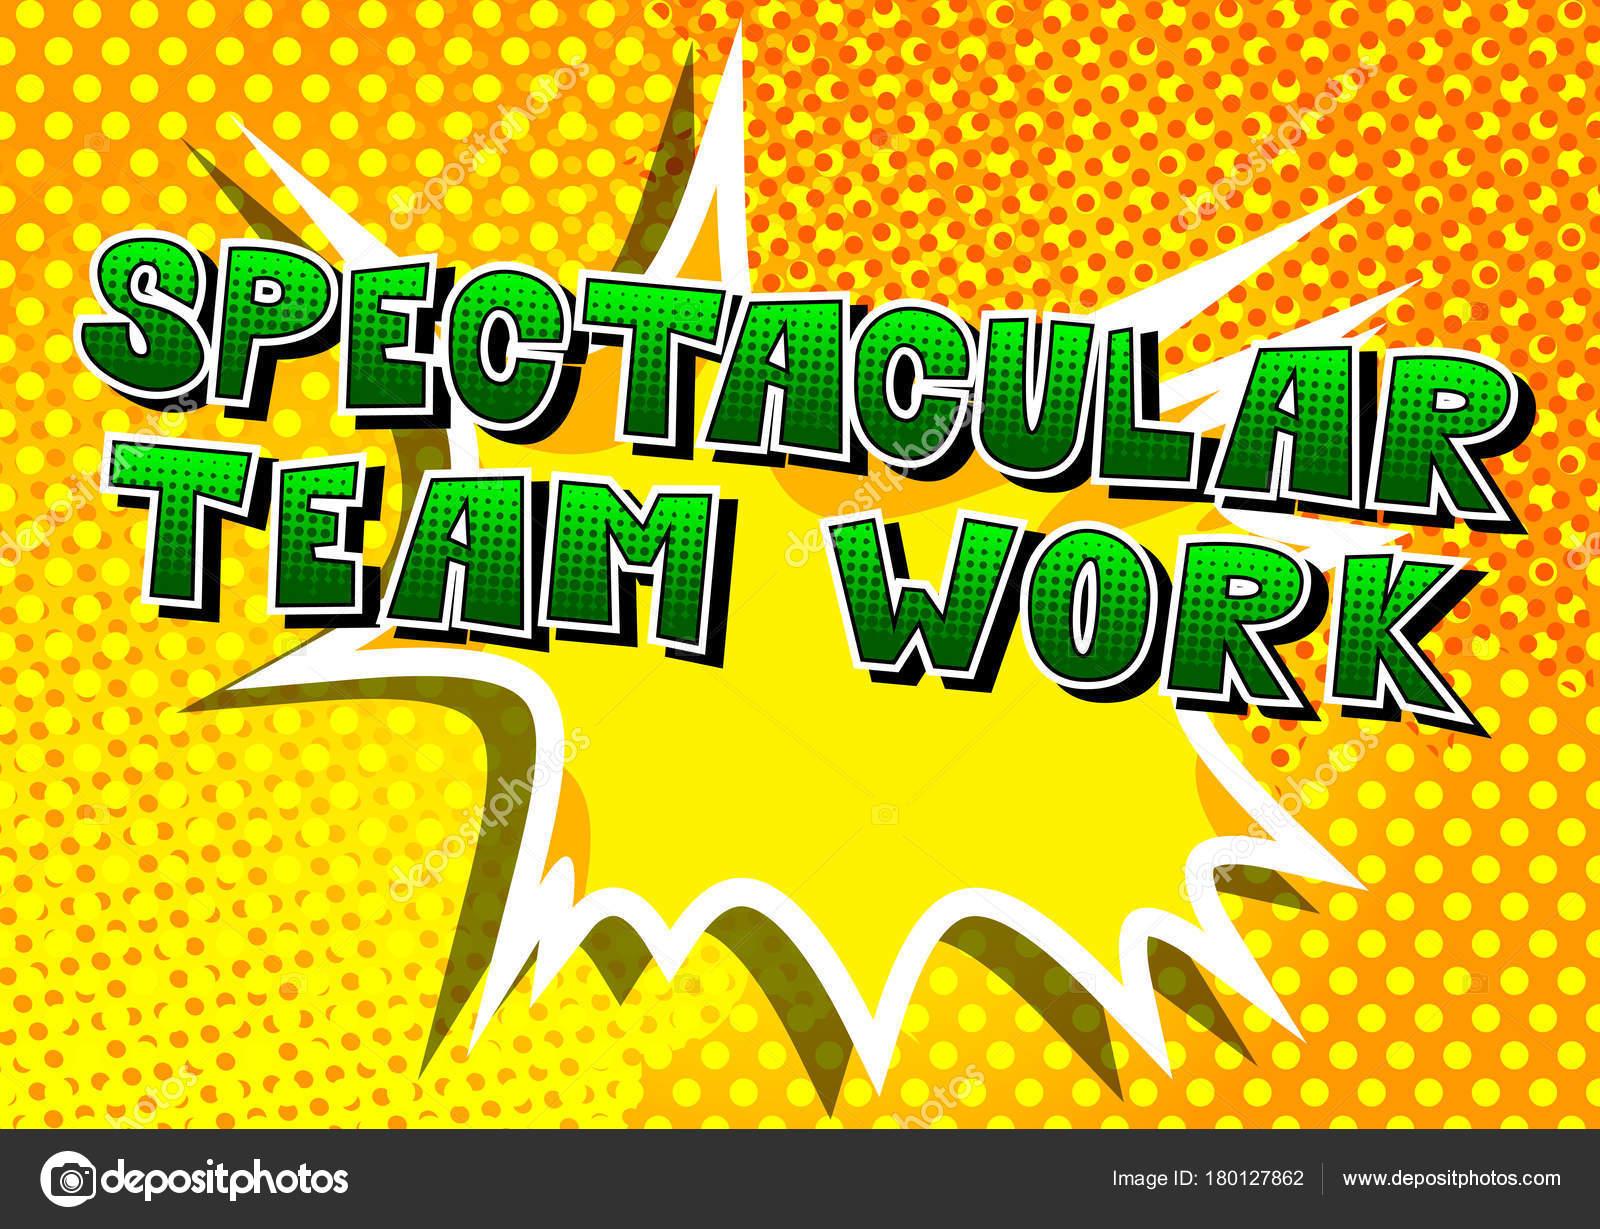 Lavoro Squadra Spettacolare Frase Stile Fumetti Fondo